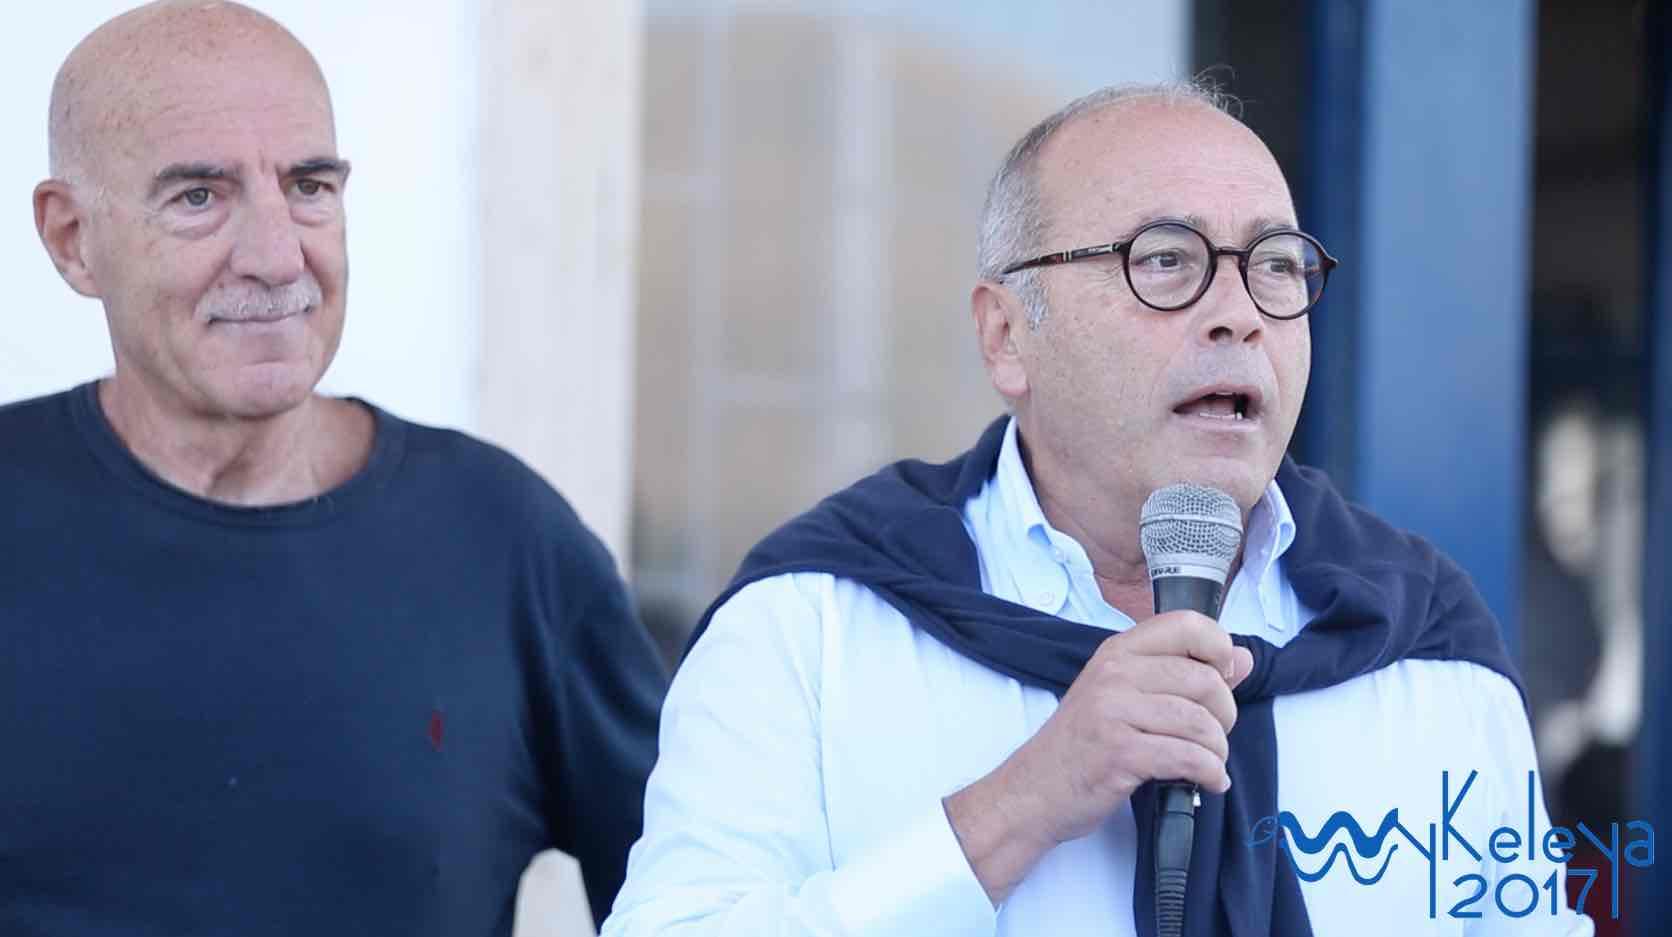 15 2017 Iano Monaco e G. Matracia (2)